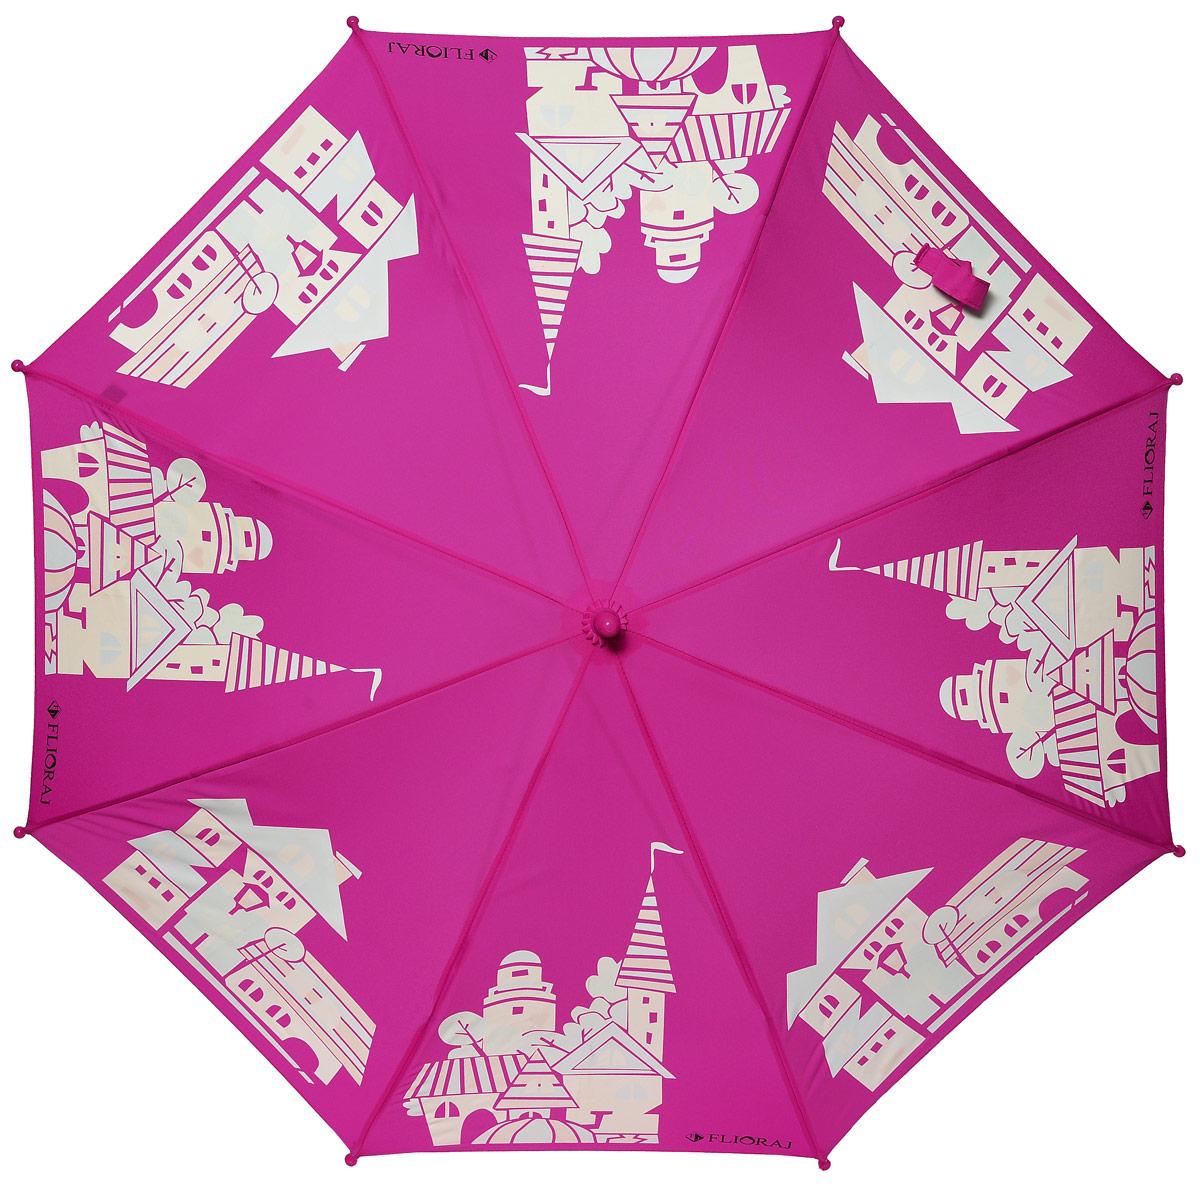 Зонт детский Flioraj, механика, трость, цвет: фуксия, белый. 051205REM12-CAM-GREENBLACKСказочный зонт-раскраска! Дождь раскрасит безликие, белые здания в радужные веселые домики. Под таким зонтом дождь только в радость. Широкий выбор расцветок позволит найти подходящий вариант. При намокании рисунок на зонте становится цветным, что обязательно понравится вам и вашему ребенку! Предназначен для детей младшего и среднего школьного возраста. Безопасная технология открывания и закрывания зонта. Спицы изготовлены из долговечного, но легкого фибергласса, что делает зонт ветроустойчивым и прочным